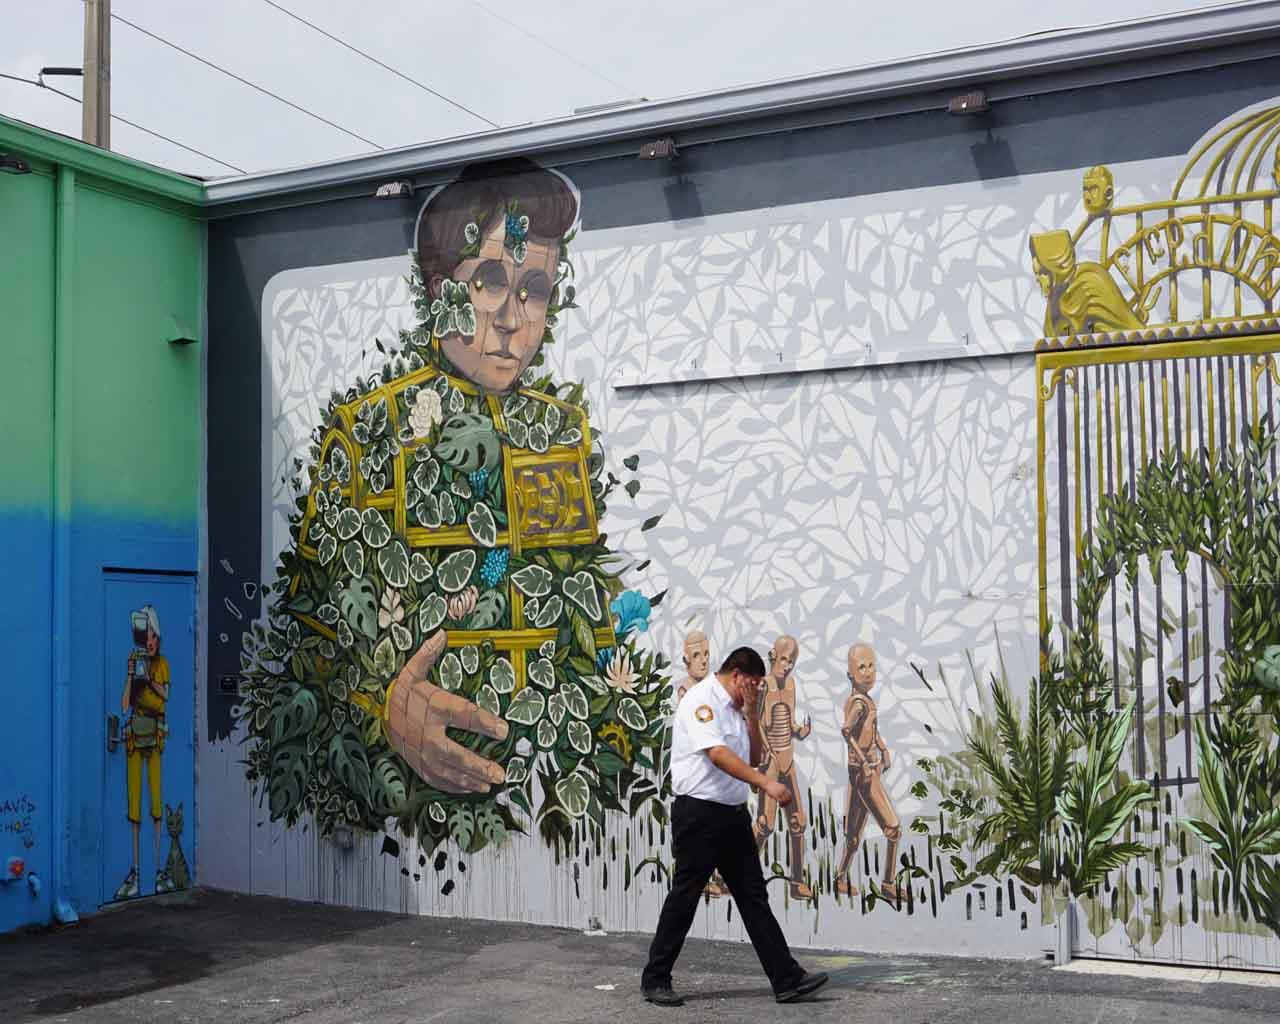 Urban Art in Wynwood Walls